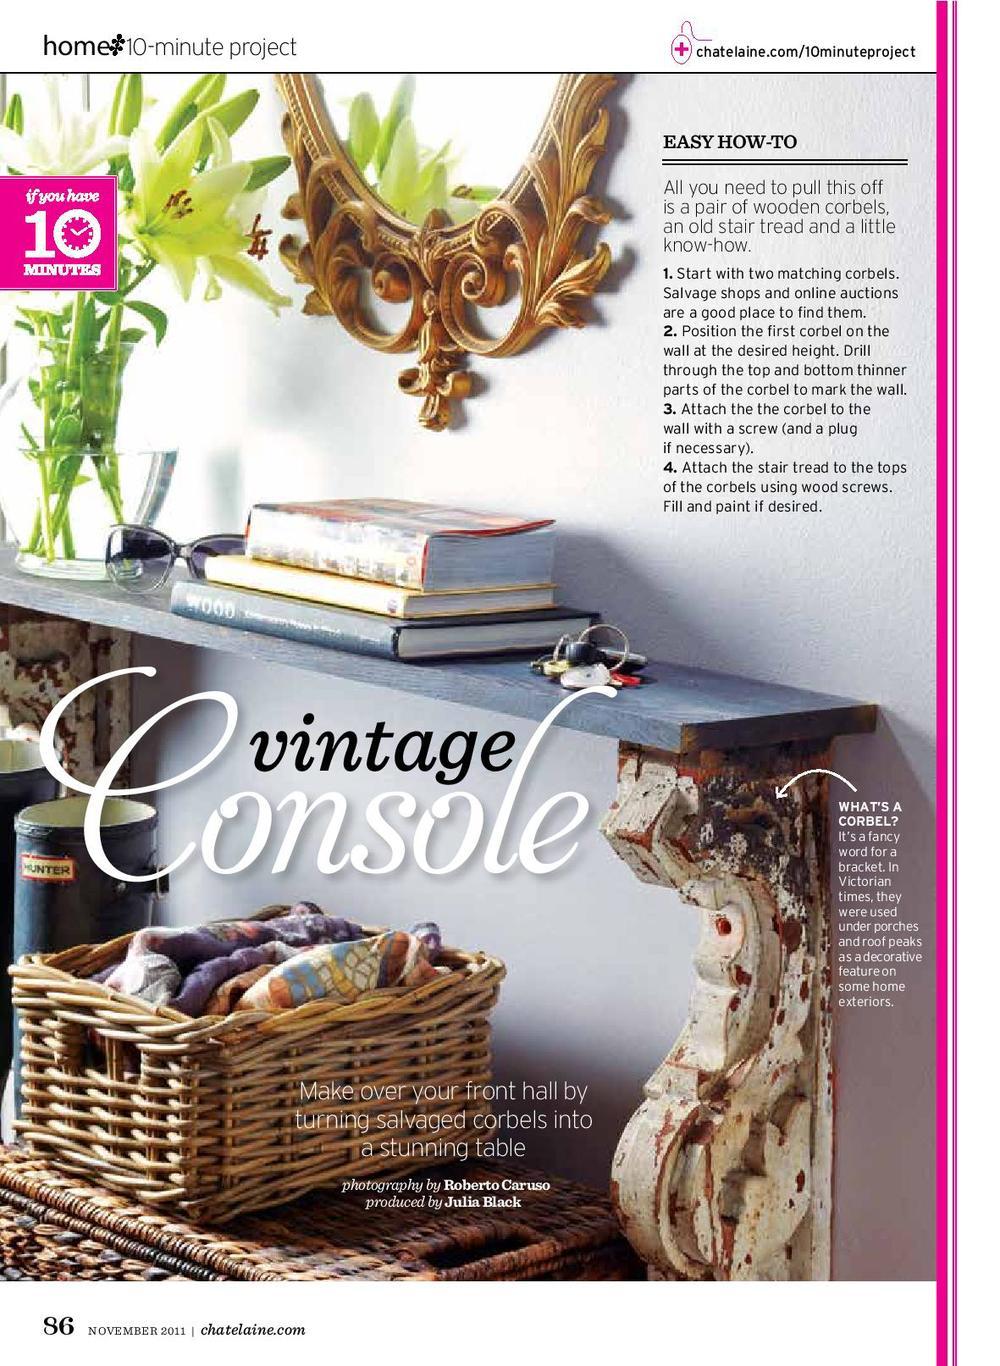 vintage console nov 2011-page-001.jpg